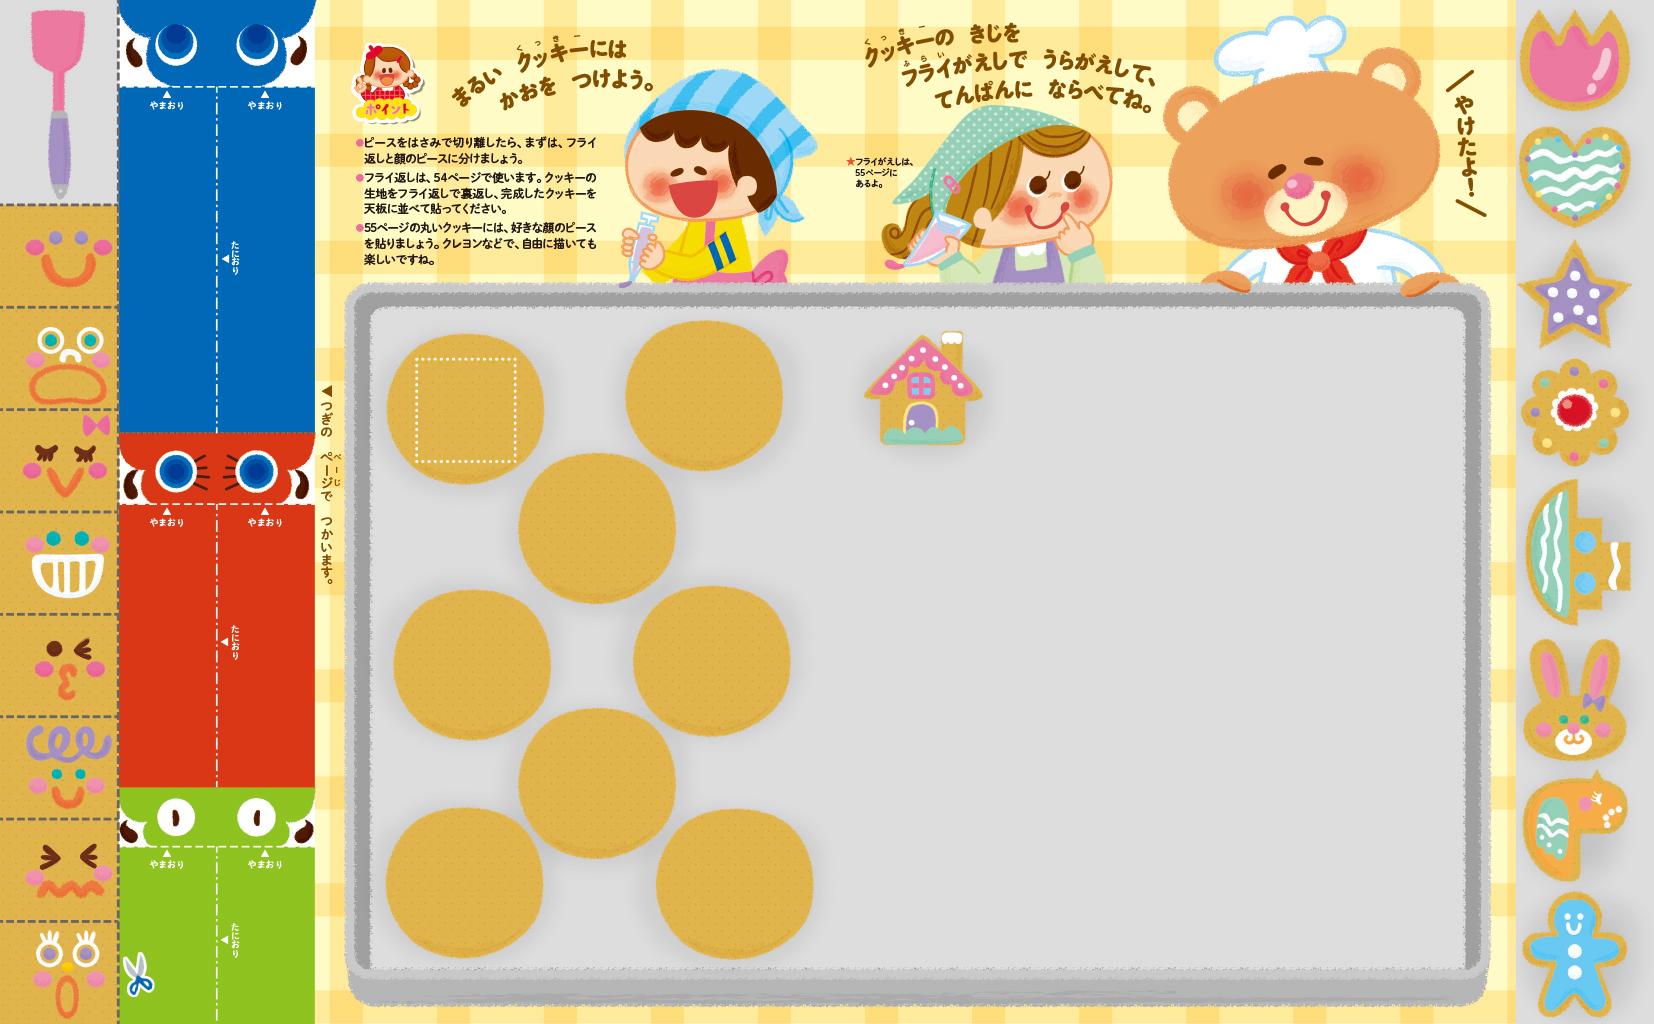 otomo2005_p53_57_kidskousaku_0227-2.jpg